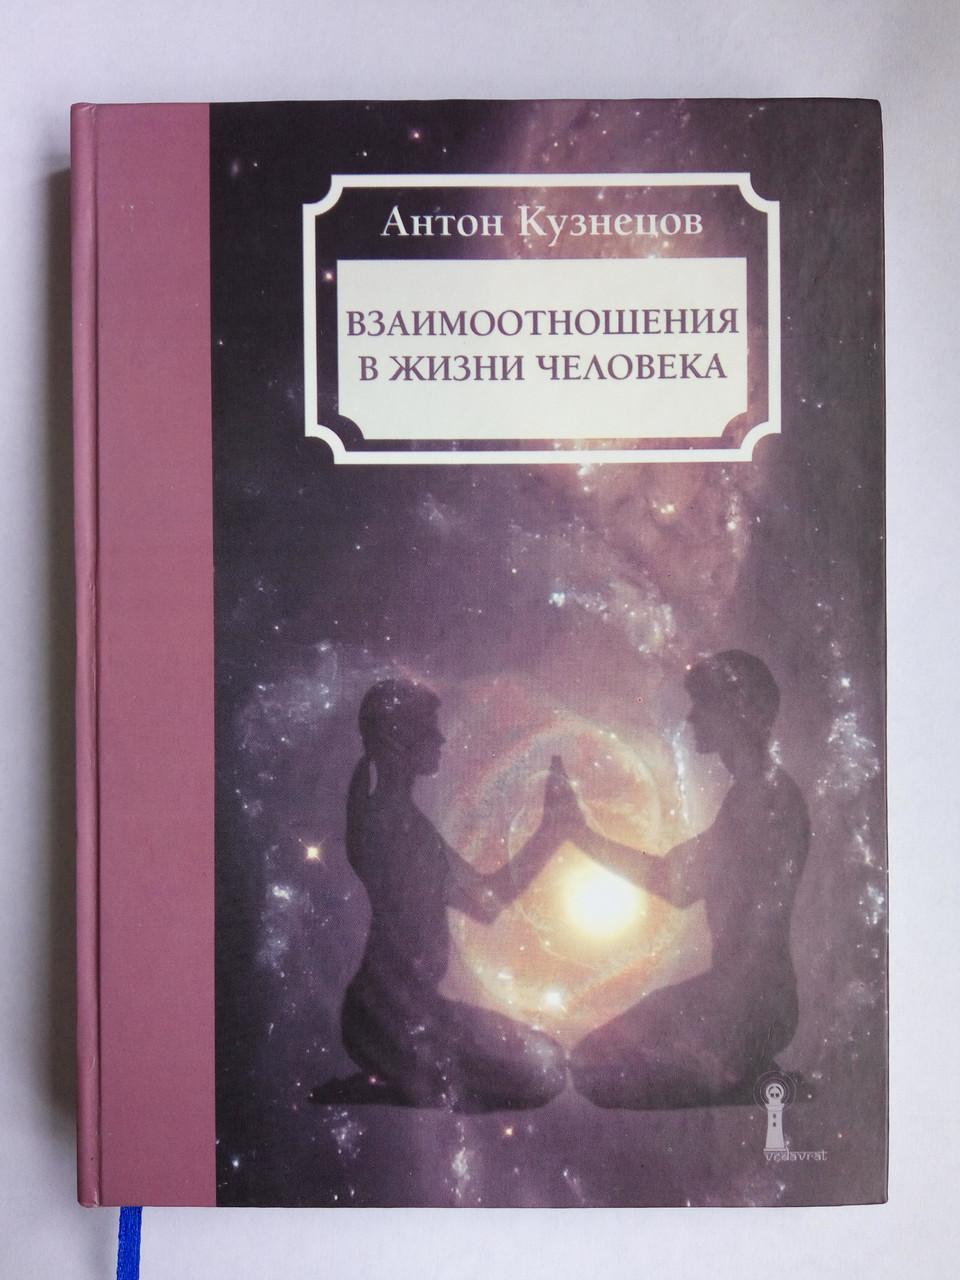 Взаимоотношения в жизни человека, Антон Кузнецов